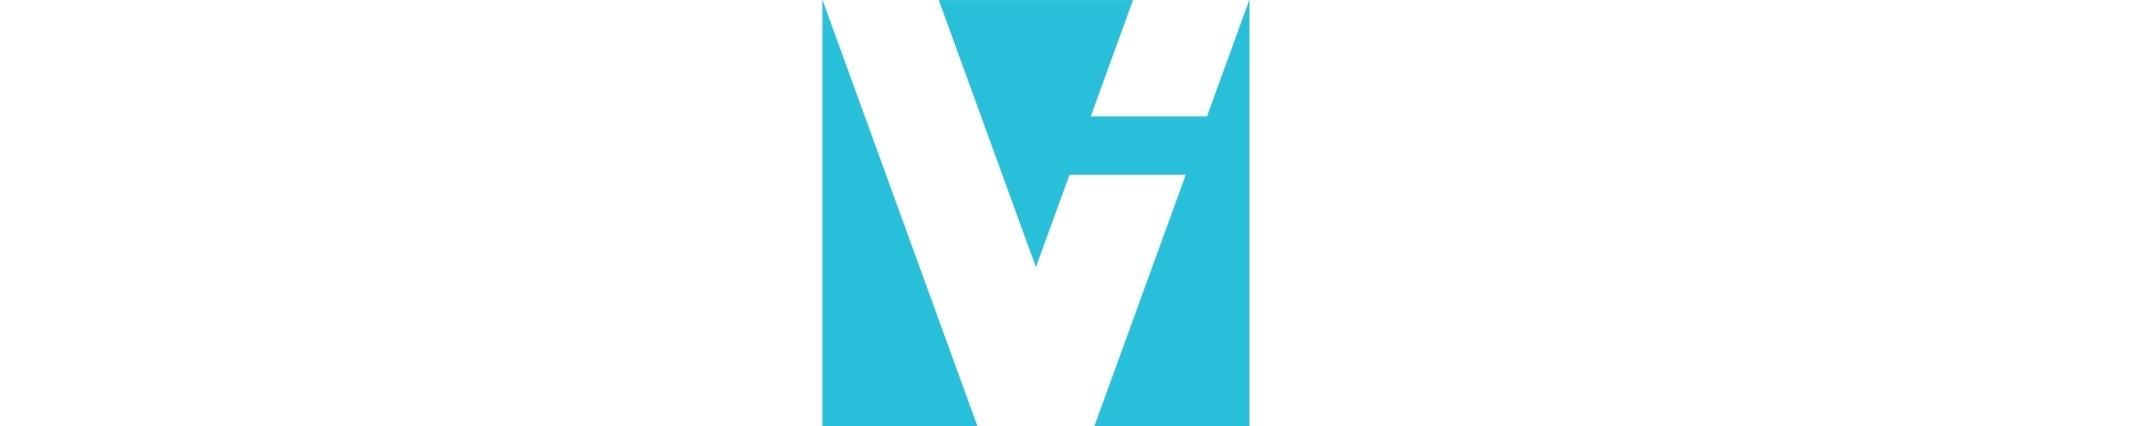 Projektowanie i budowa responsywnych stron www   Visual Image